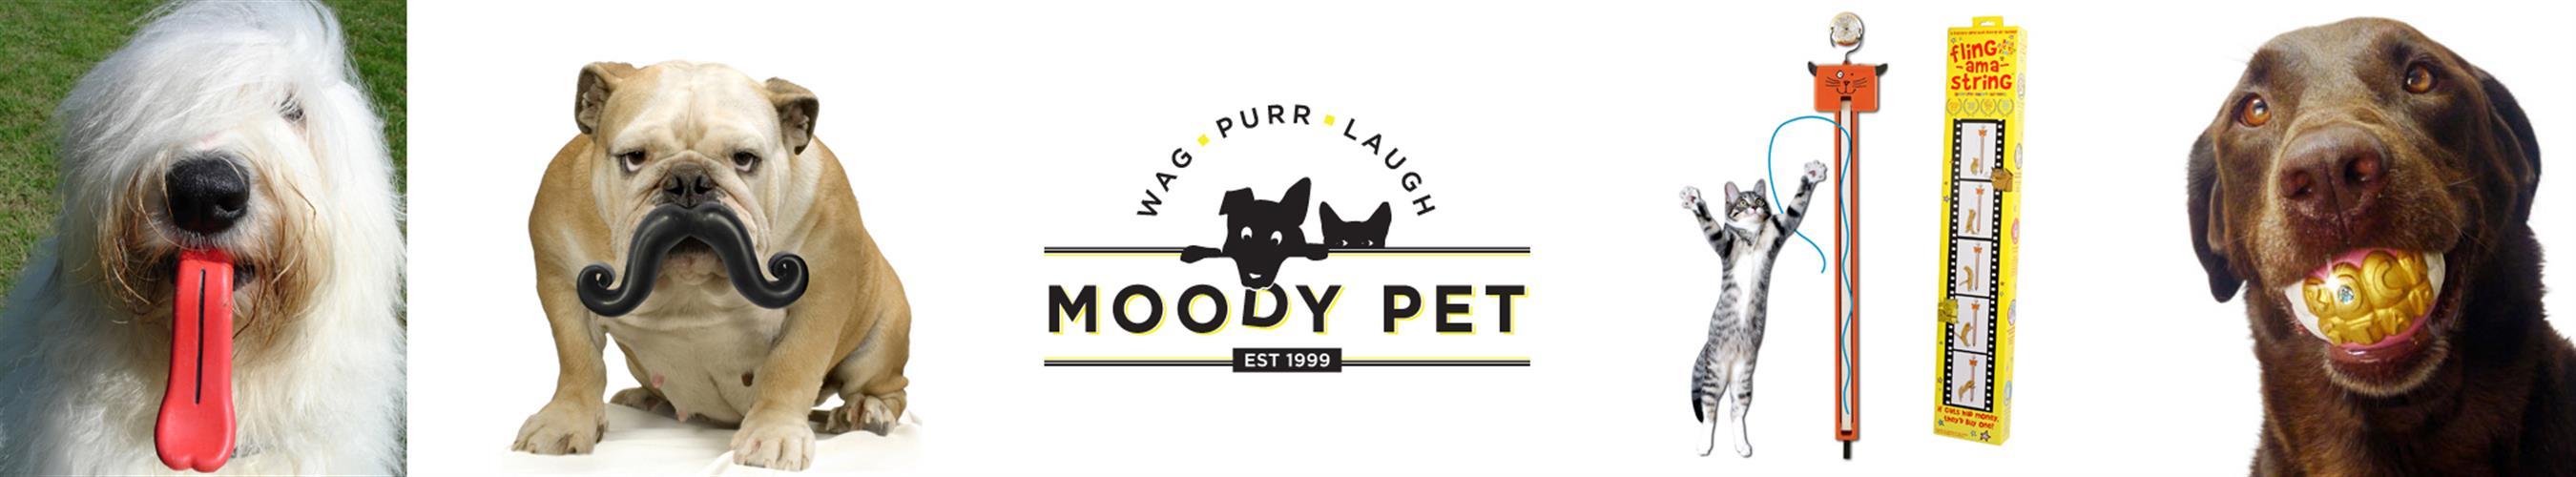 Moody Pet, Inc